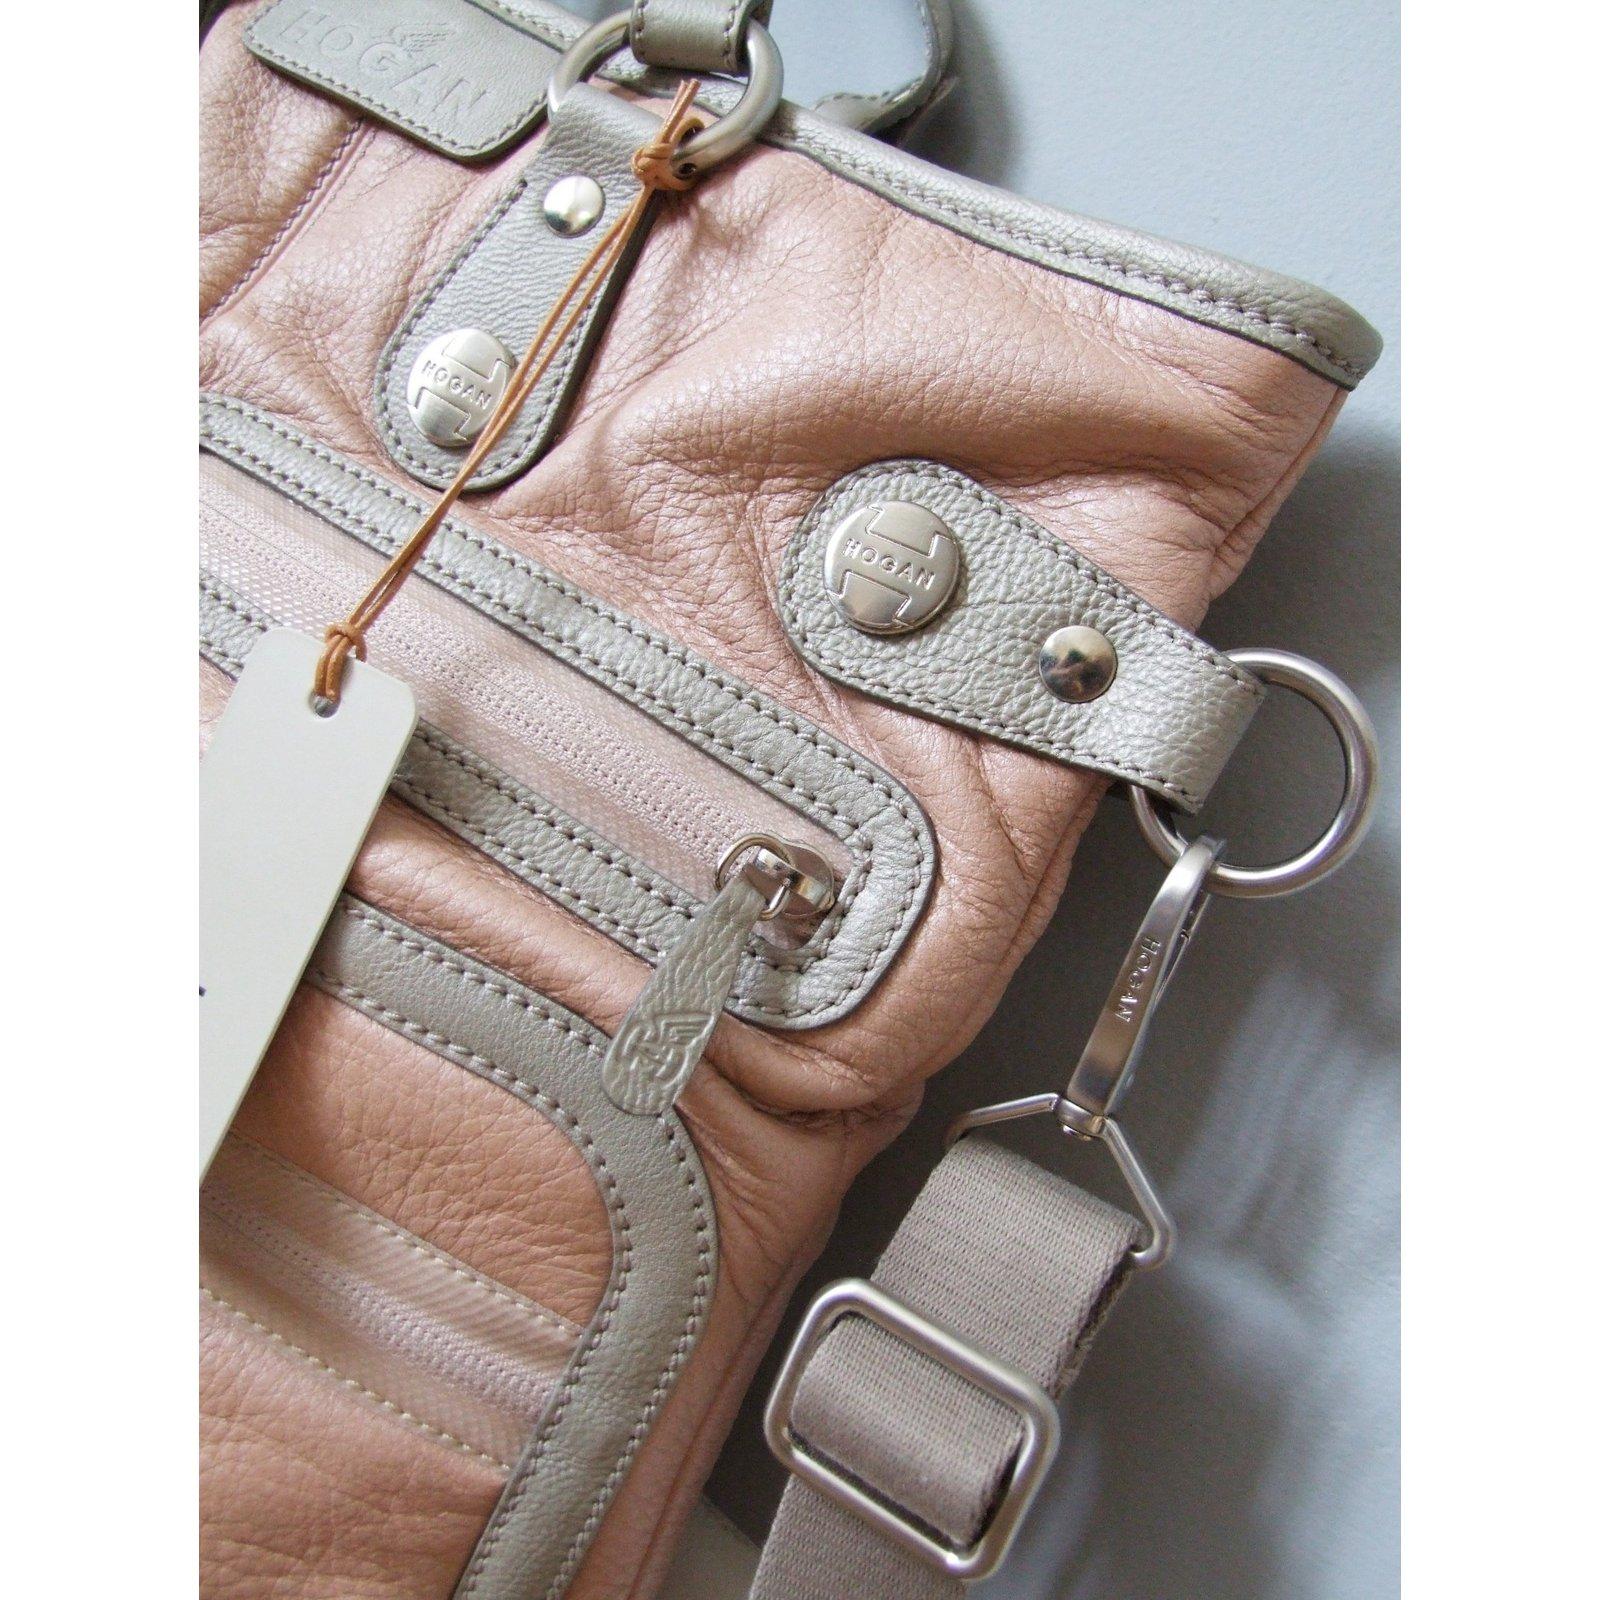 c1cc0be006 ... Women s bags Hogan · Handbags Hogan · Facebook · Pin This